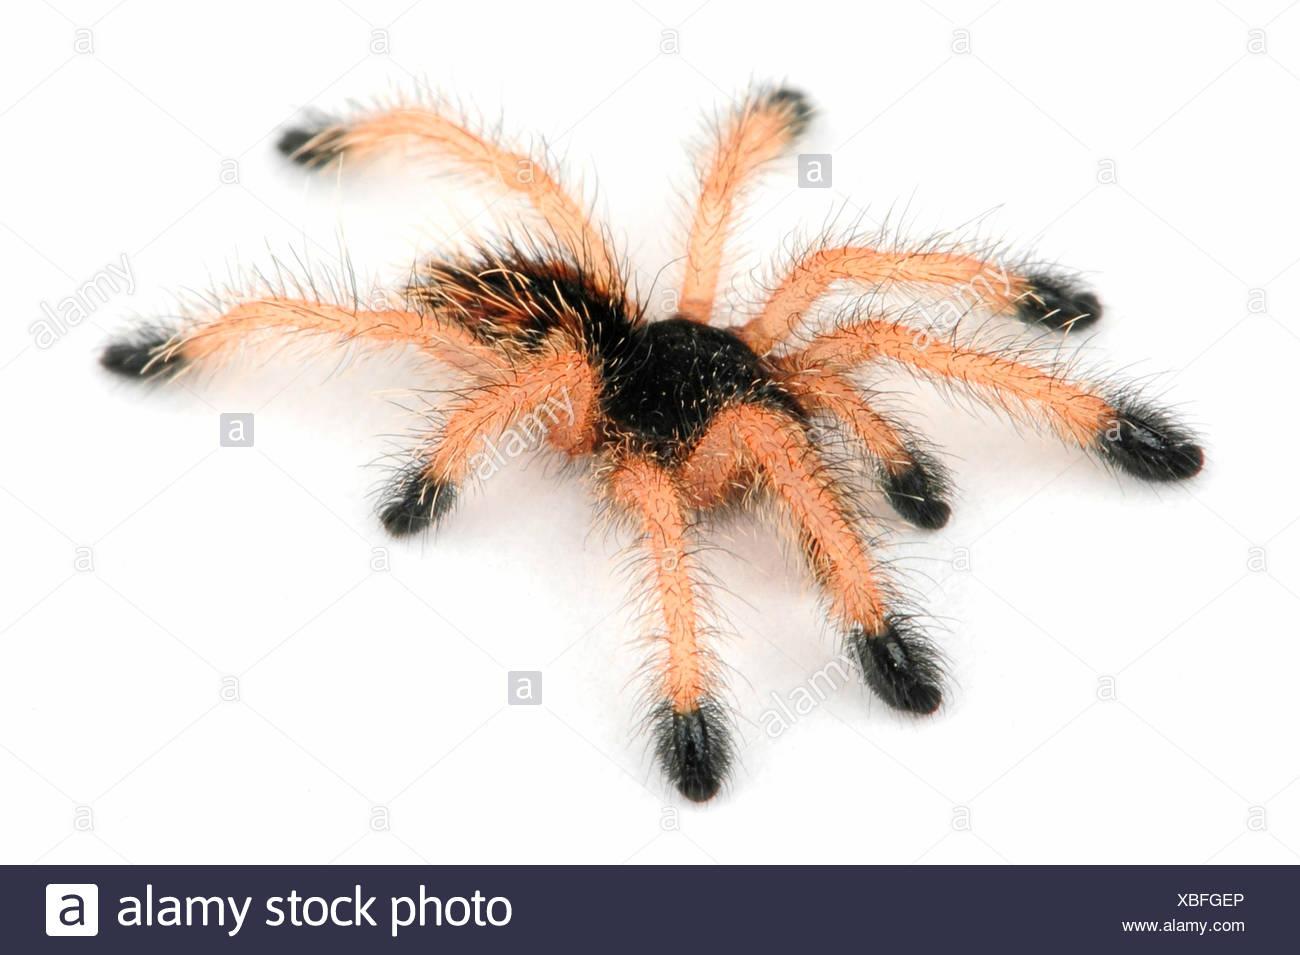 Whitetoe tarantula (Avicularia metallica), cut-out - Stock Image